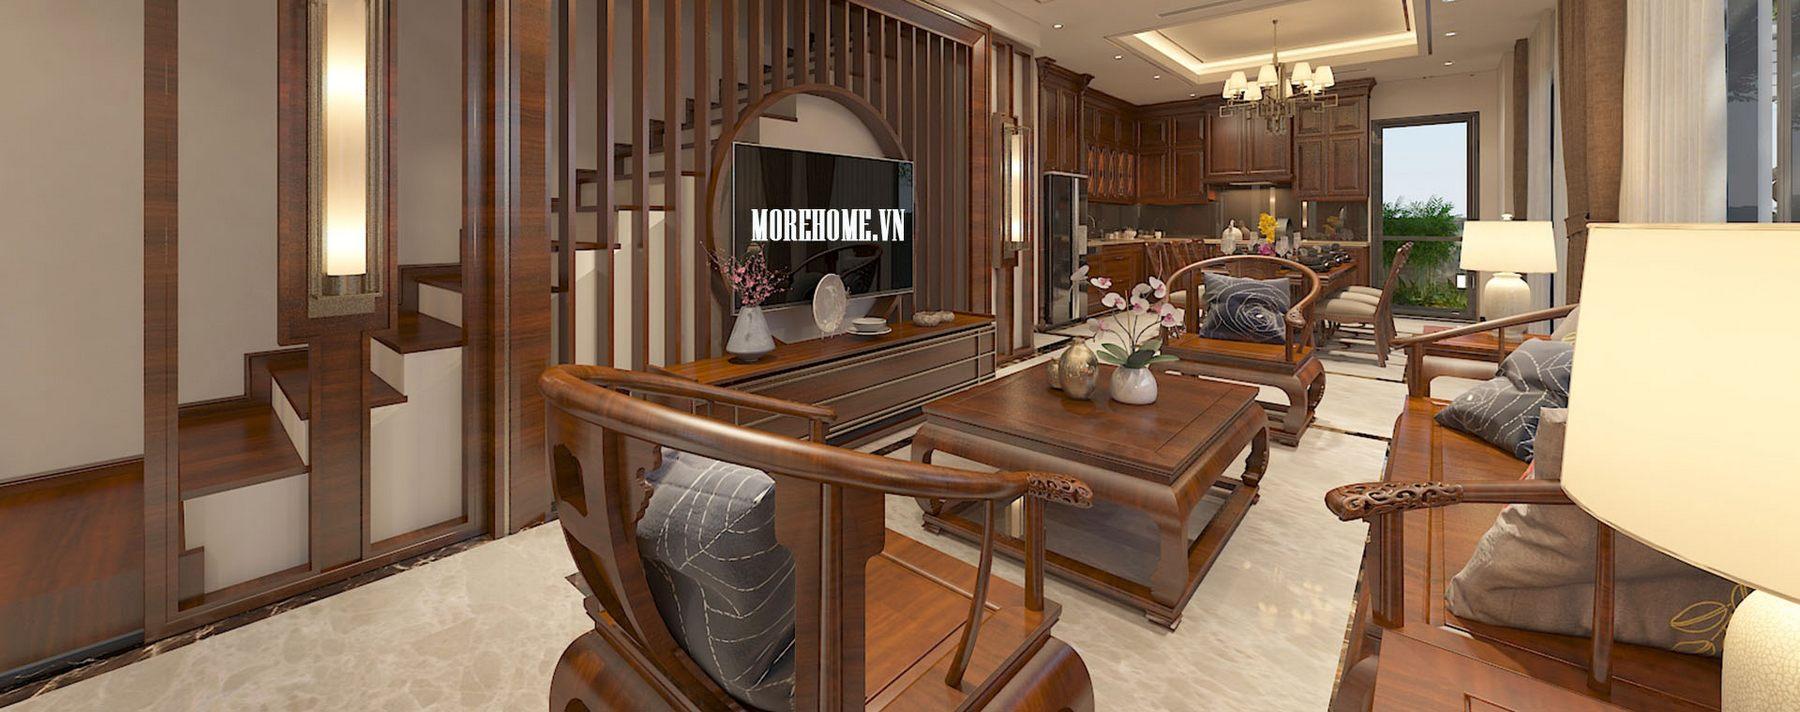 Thiết kế biệt thự VinhoThiết kế nội thất biệt thự Vinhomes Thăng Long, Hoài Đức, Hà Nộimes Thăng Long